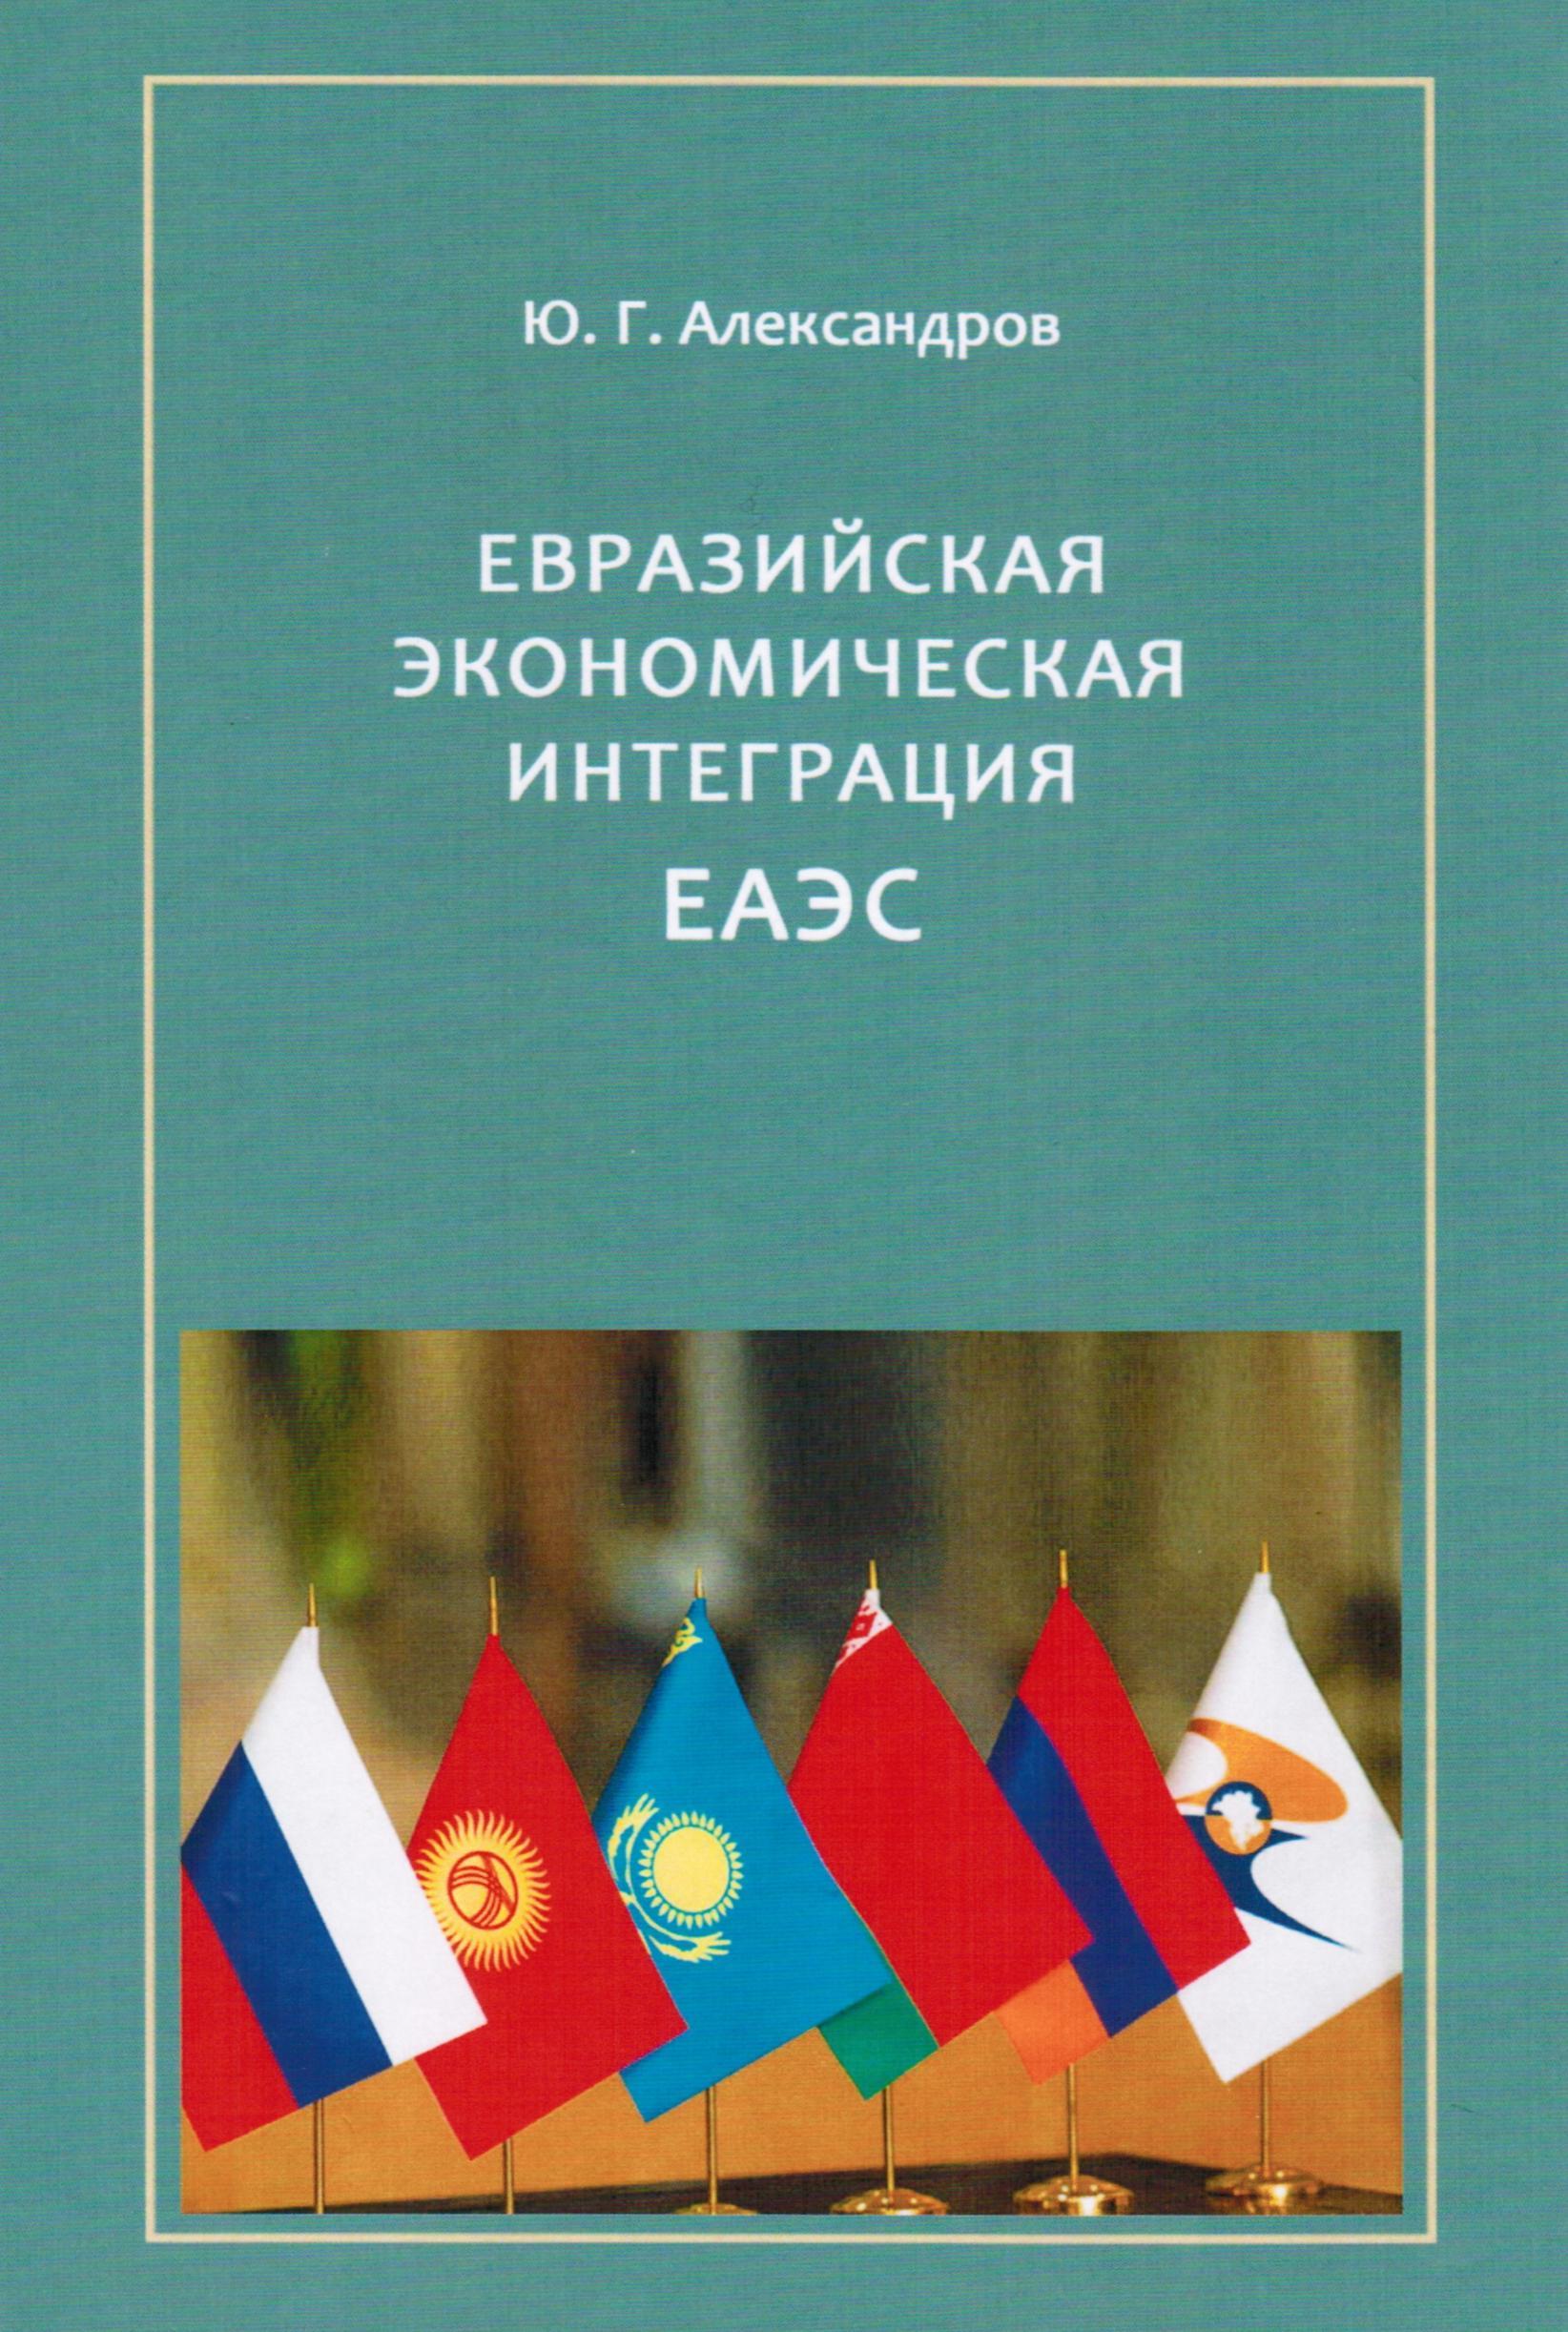 Евразийская экономическая интеграция: ЕАЭС.